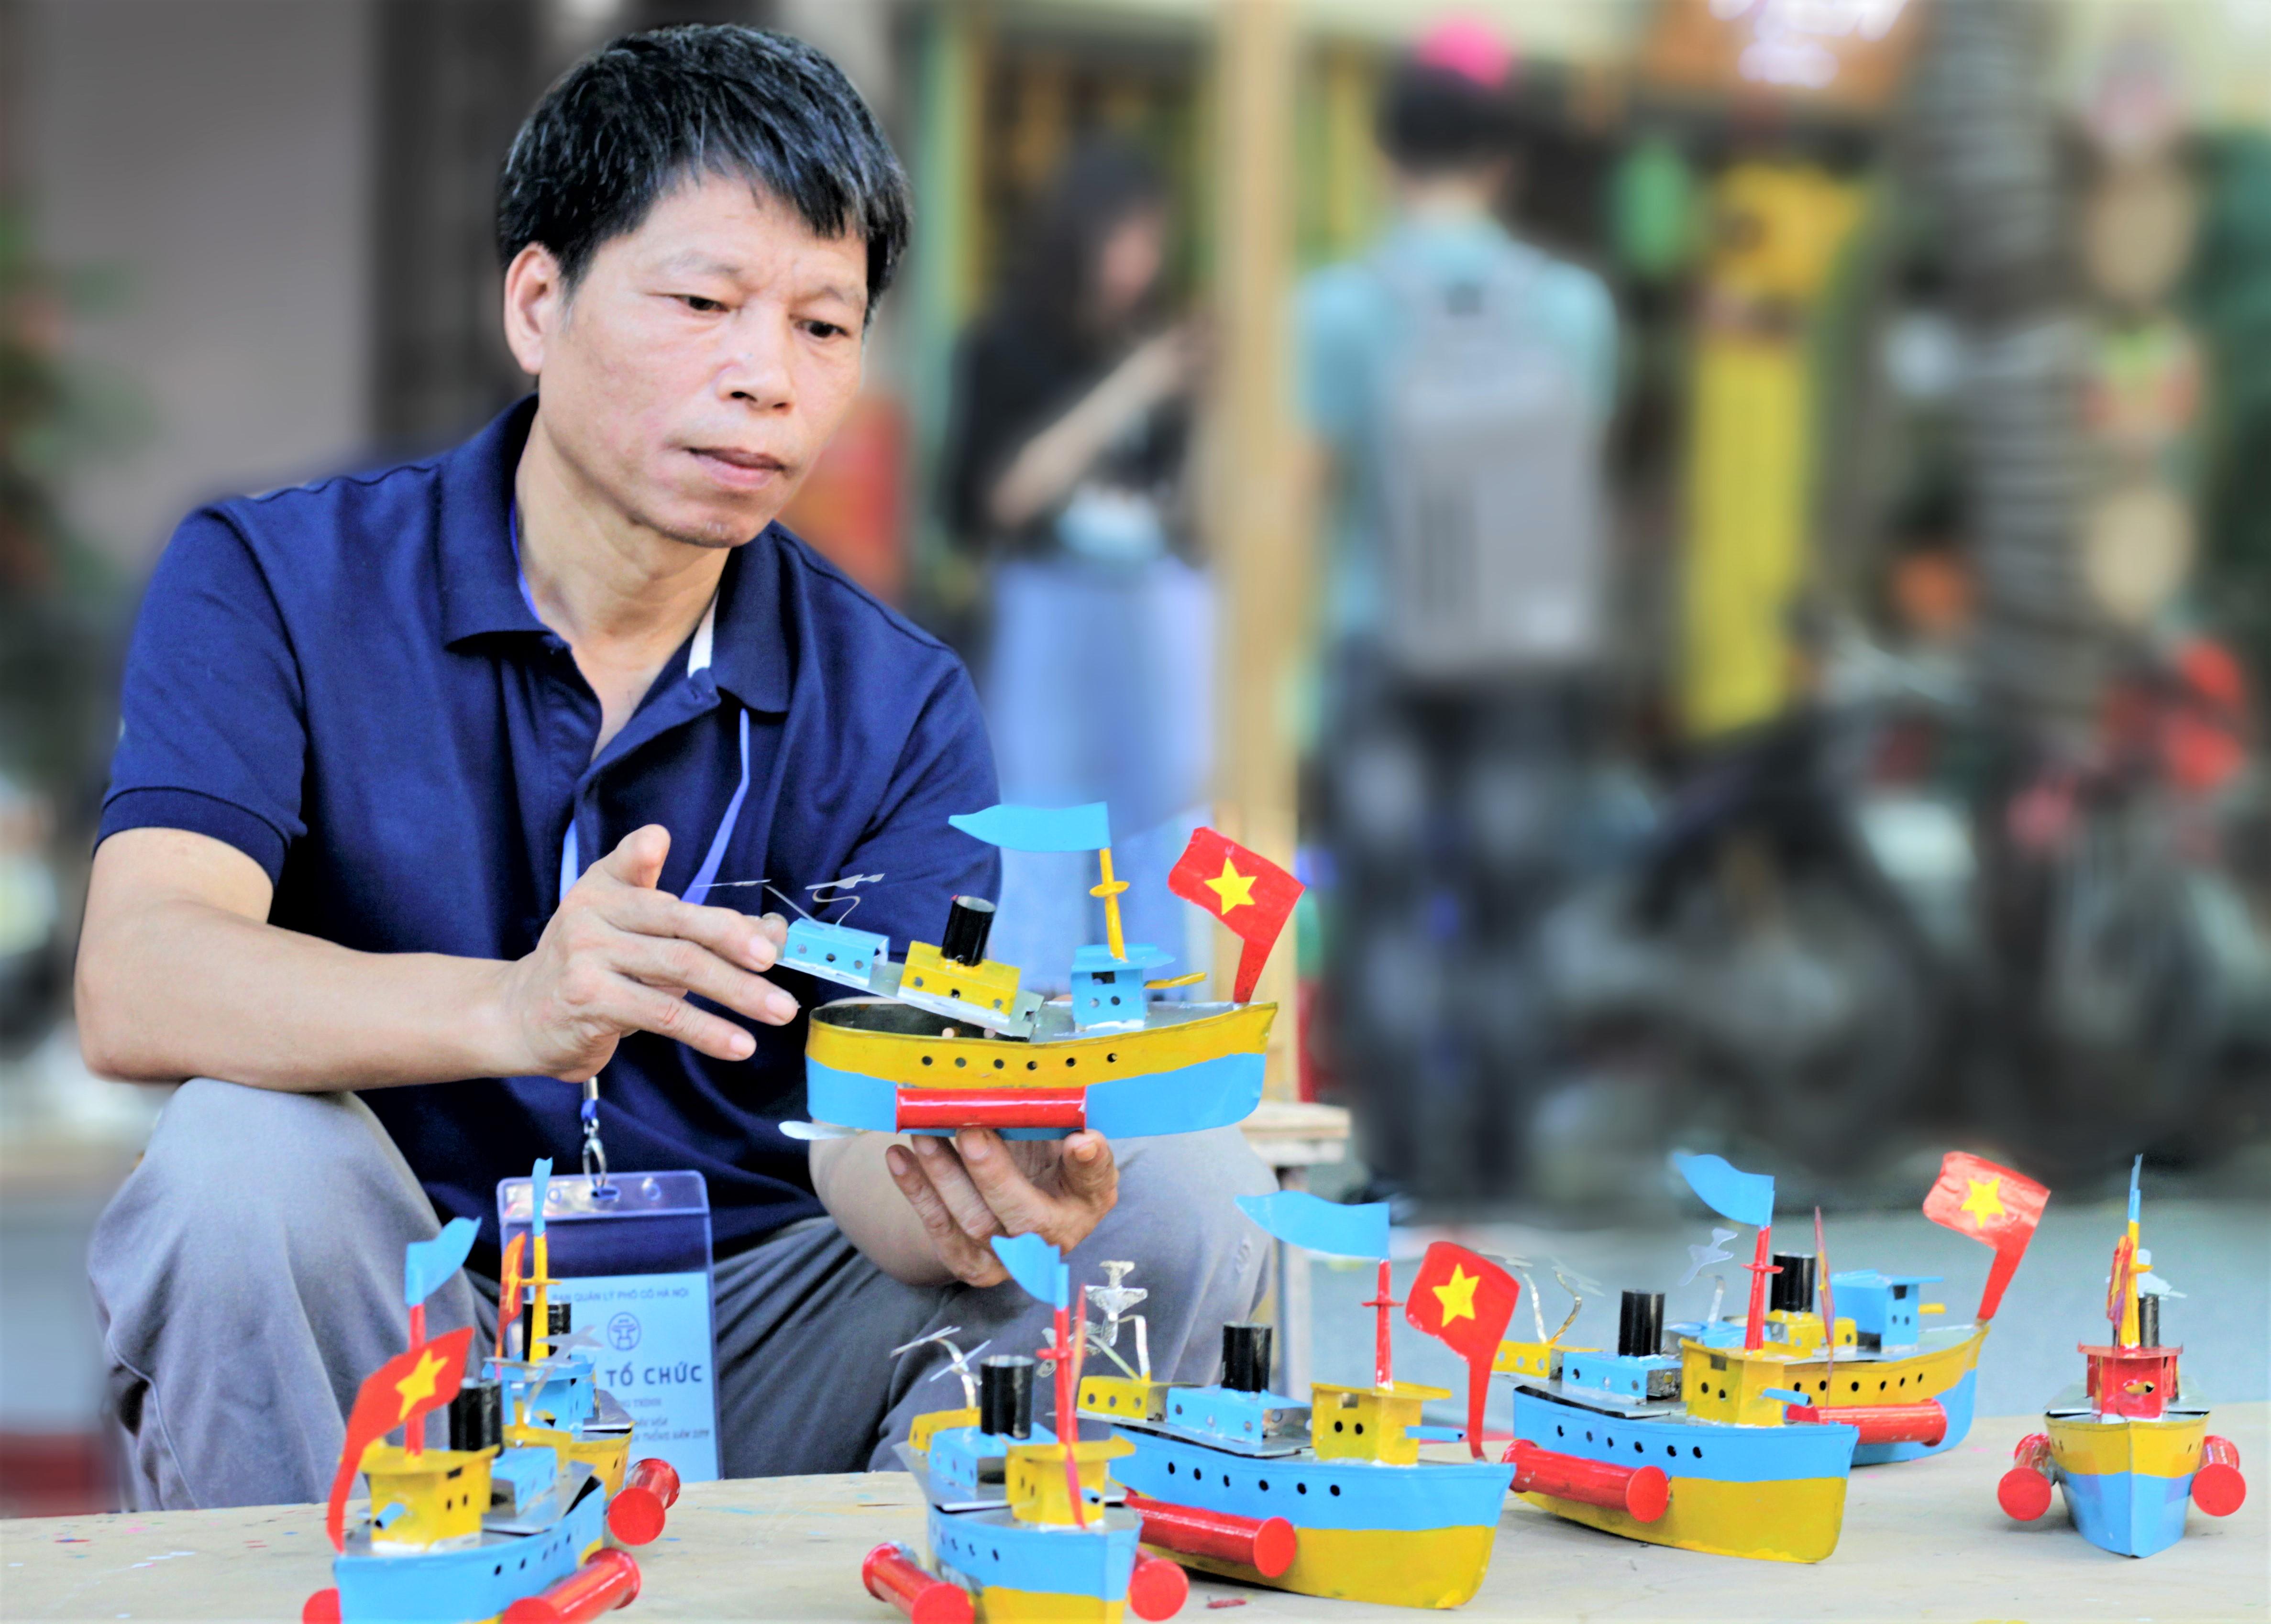 Vua tàu thủy Khương Hạ: 40 năm niềm đam mê từ sắt vụn - Ảnh 1